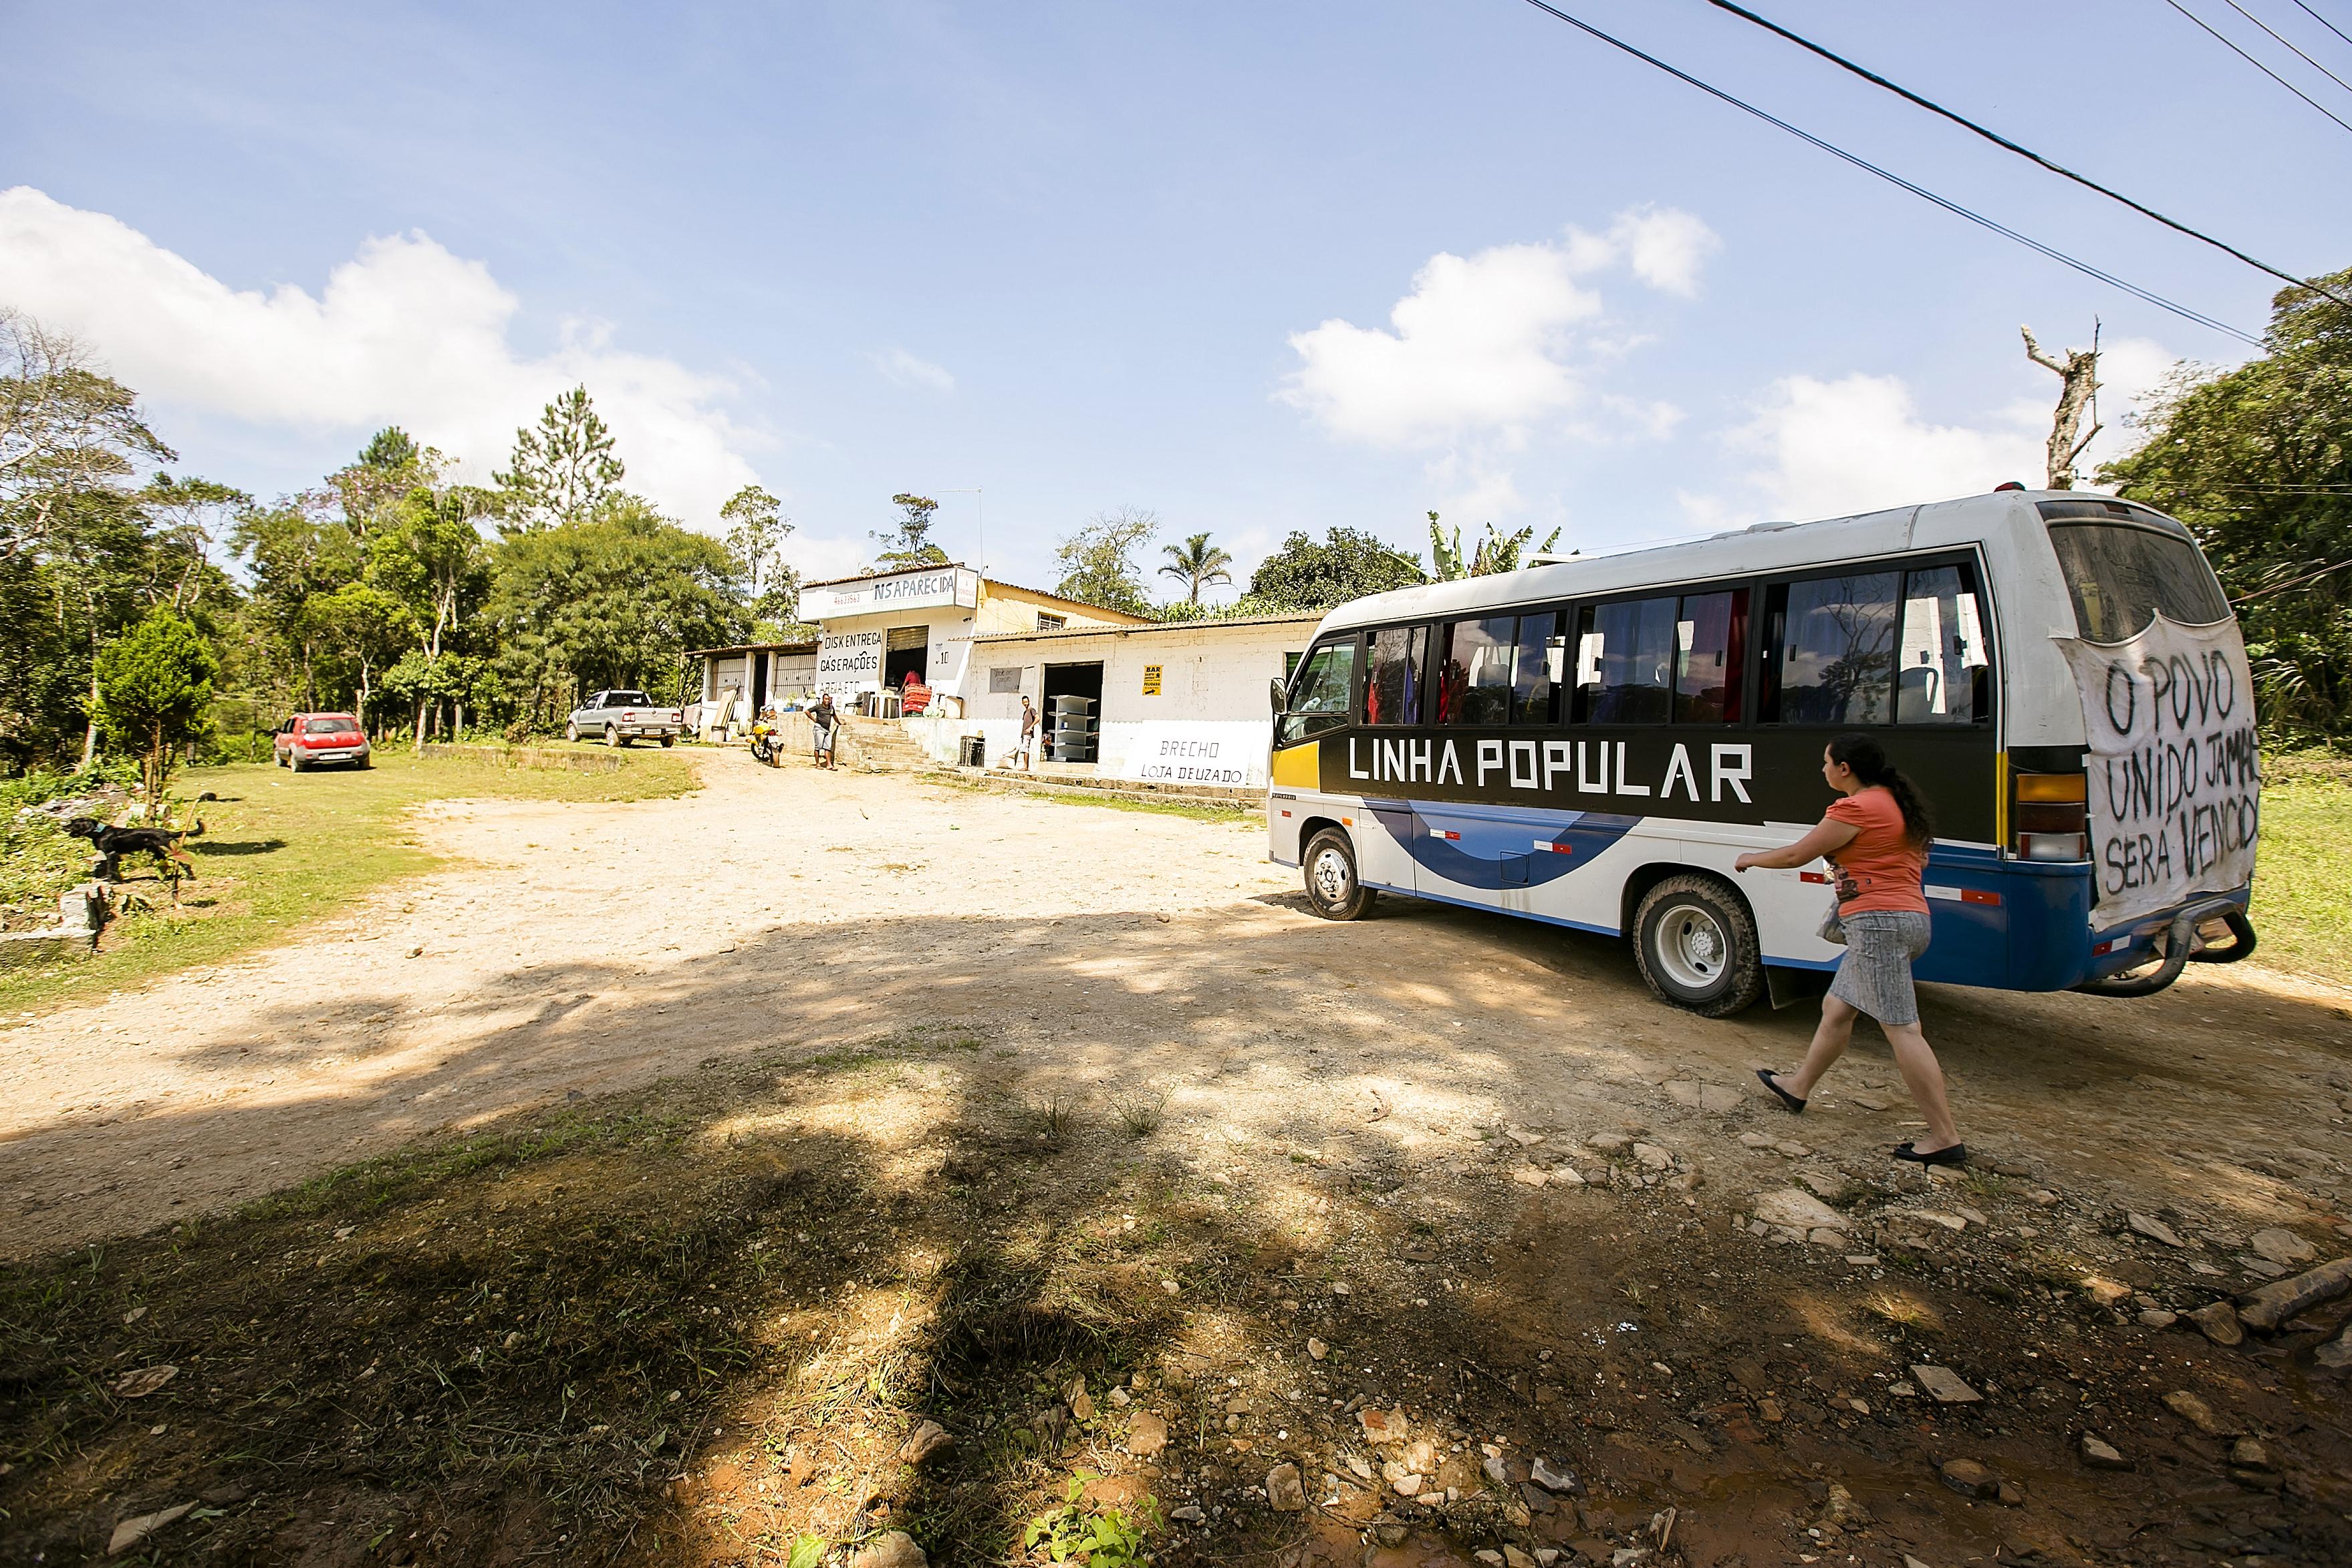 Moradores do bairro Mambu, na região de Marsilac, extremo sul da capital paulista, realizaram hoje (11) ato em prol da criação de uma linha de ônibus no bairro, onde vivem cerca de 2 mil pessoas. Após a realização de um bingo de arrecadação de fundos na sexta-feira passada (5), eles alugaram uma van para fazer o trajeto entre o bairro e a estrada de Engenheiro Marsilac, em um percurso de aproximadamente 10 quilômetros, geralmente feito a pé. A linha foi parcialmente aprovada pela prefeitura no fim do ano passado, mas nenhuma outra medida ocorreu desde então.